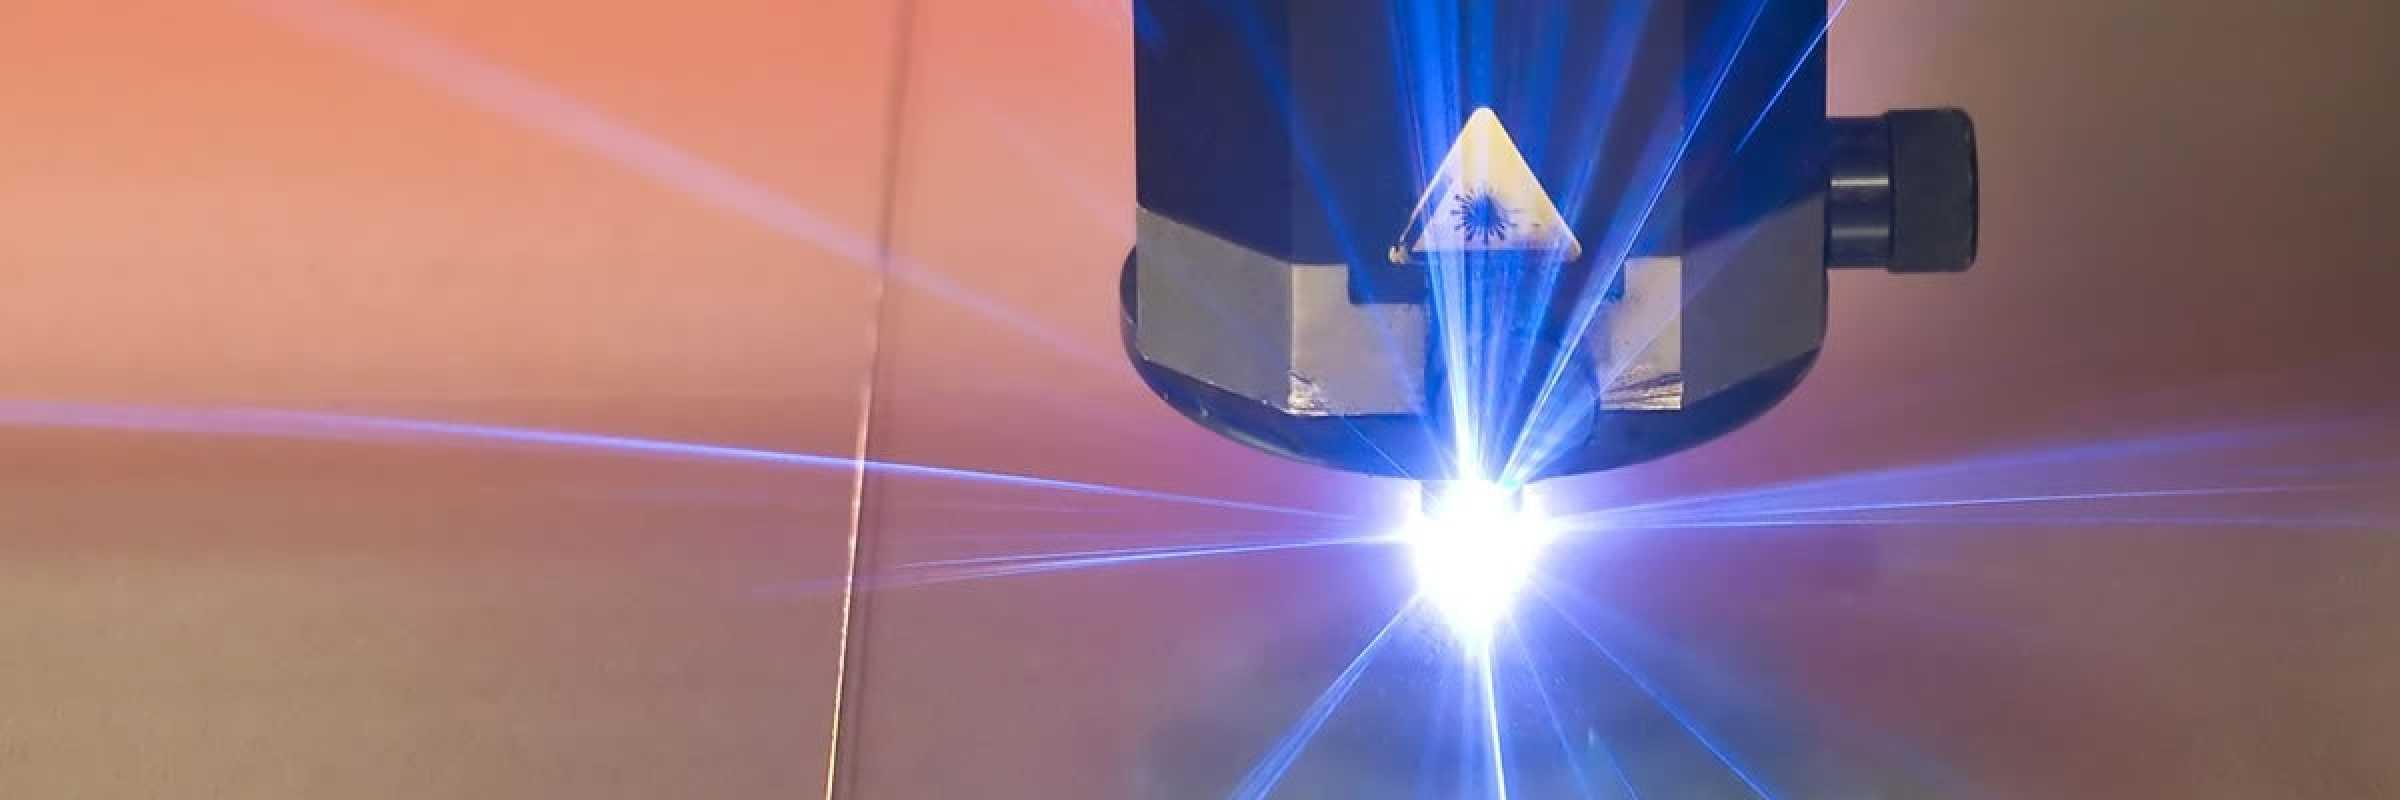 Wärtsilä's new laser technology improves white metal applications across the industry